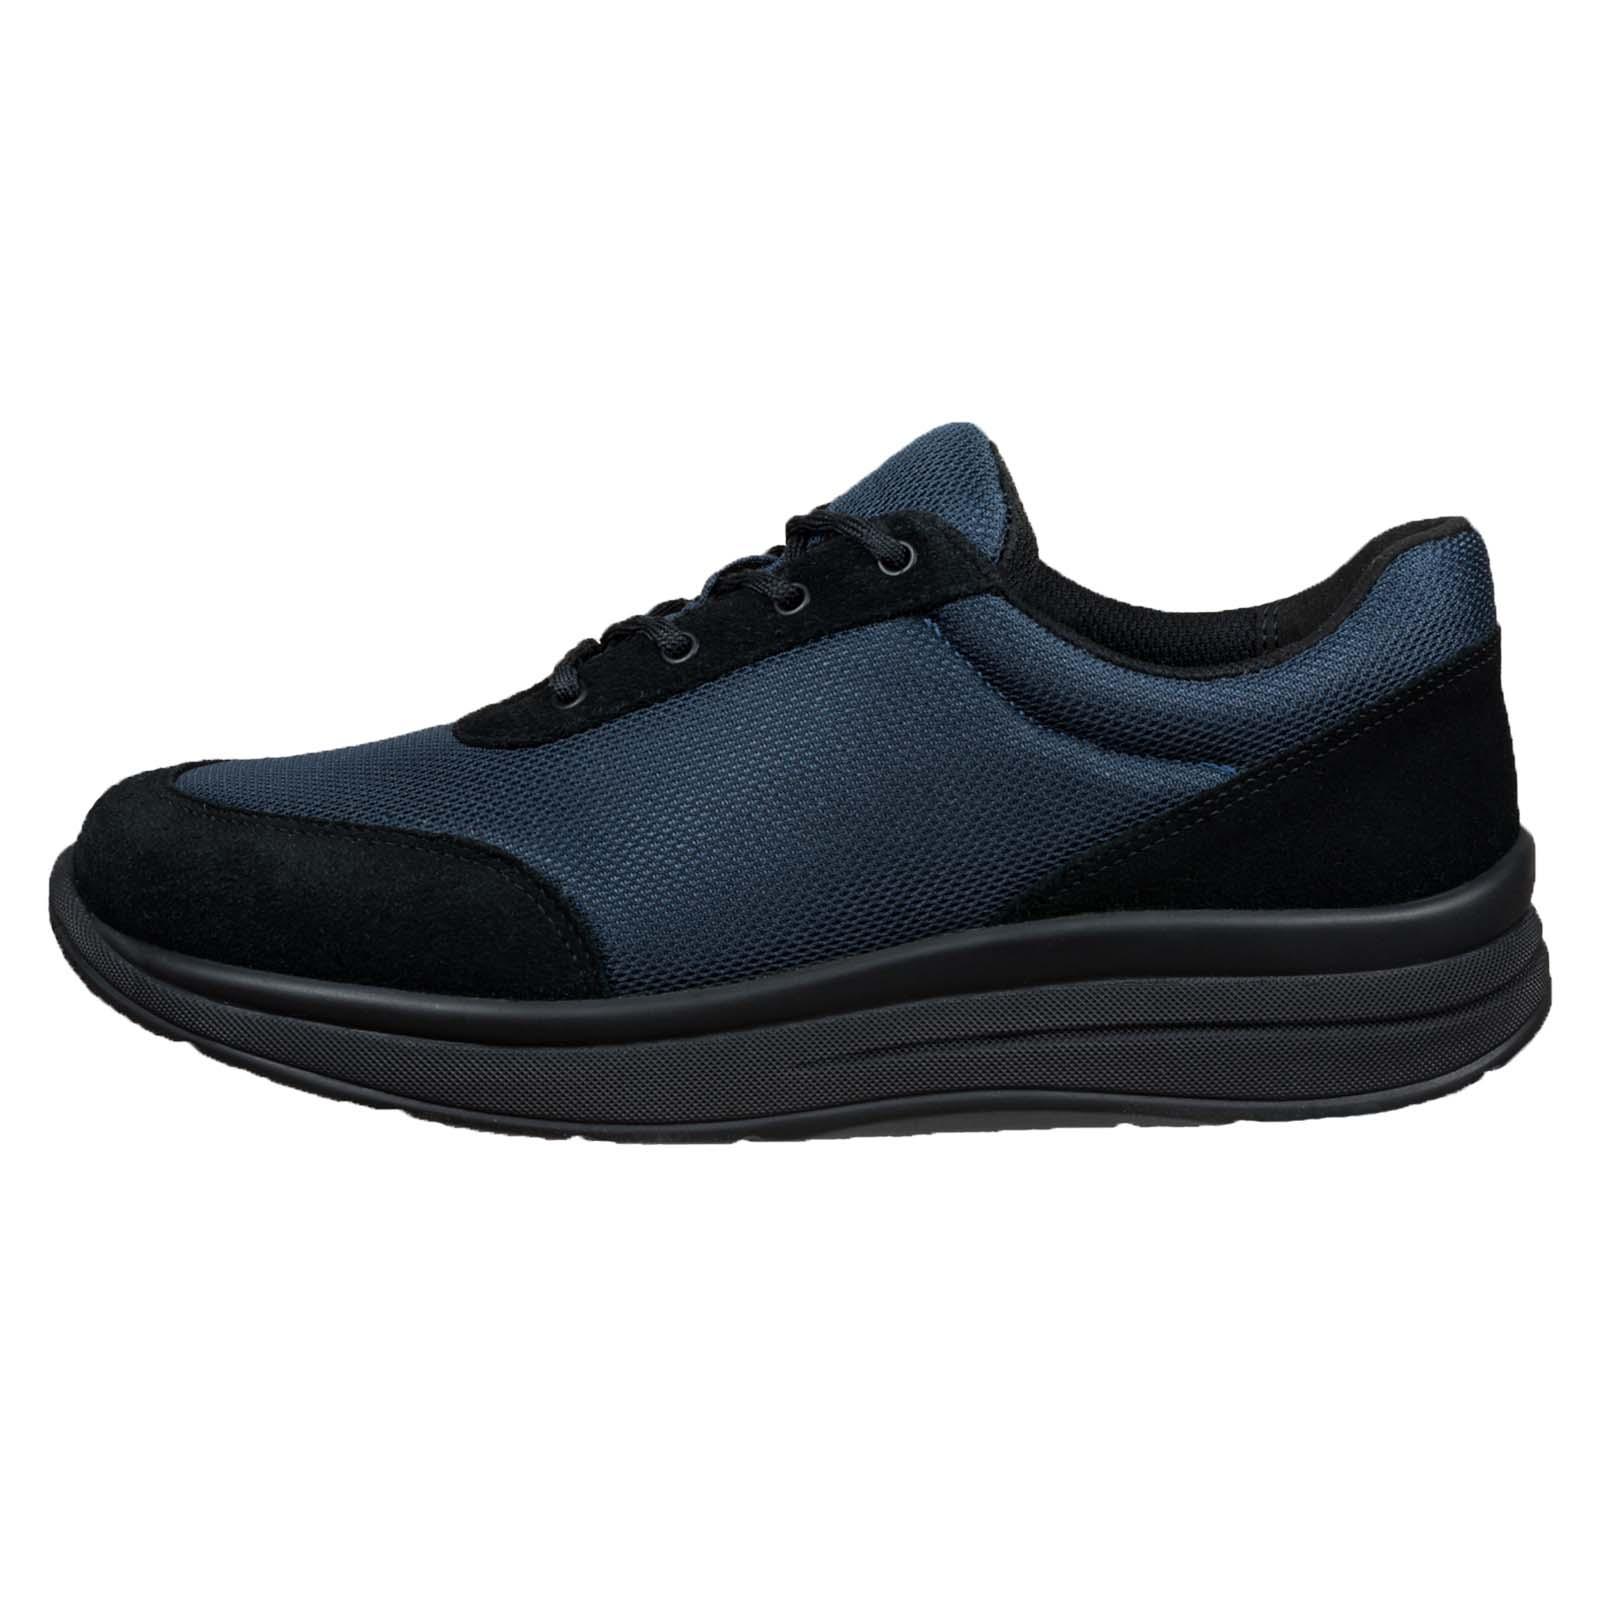 Proflex_dames_comfortsneaker_in_donkerblauw_mesh_en_zwart_suede_met_een_zwarte_zool_1603-008-0